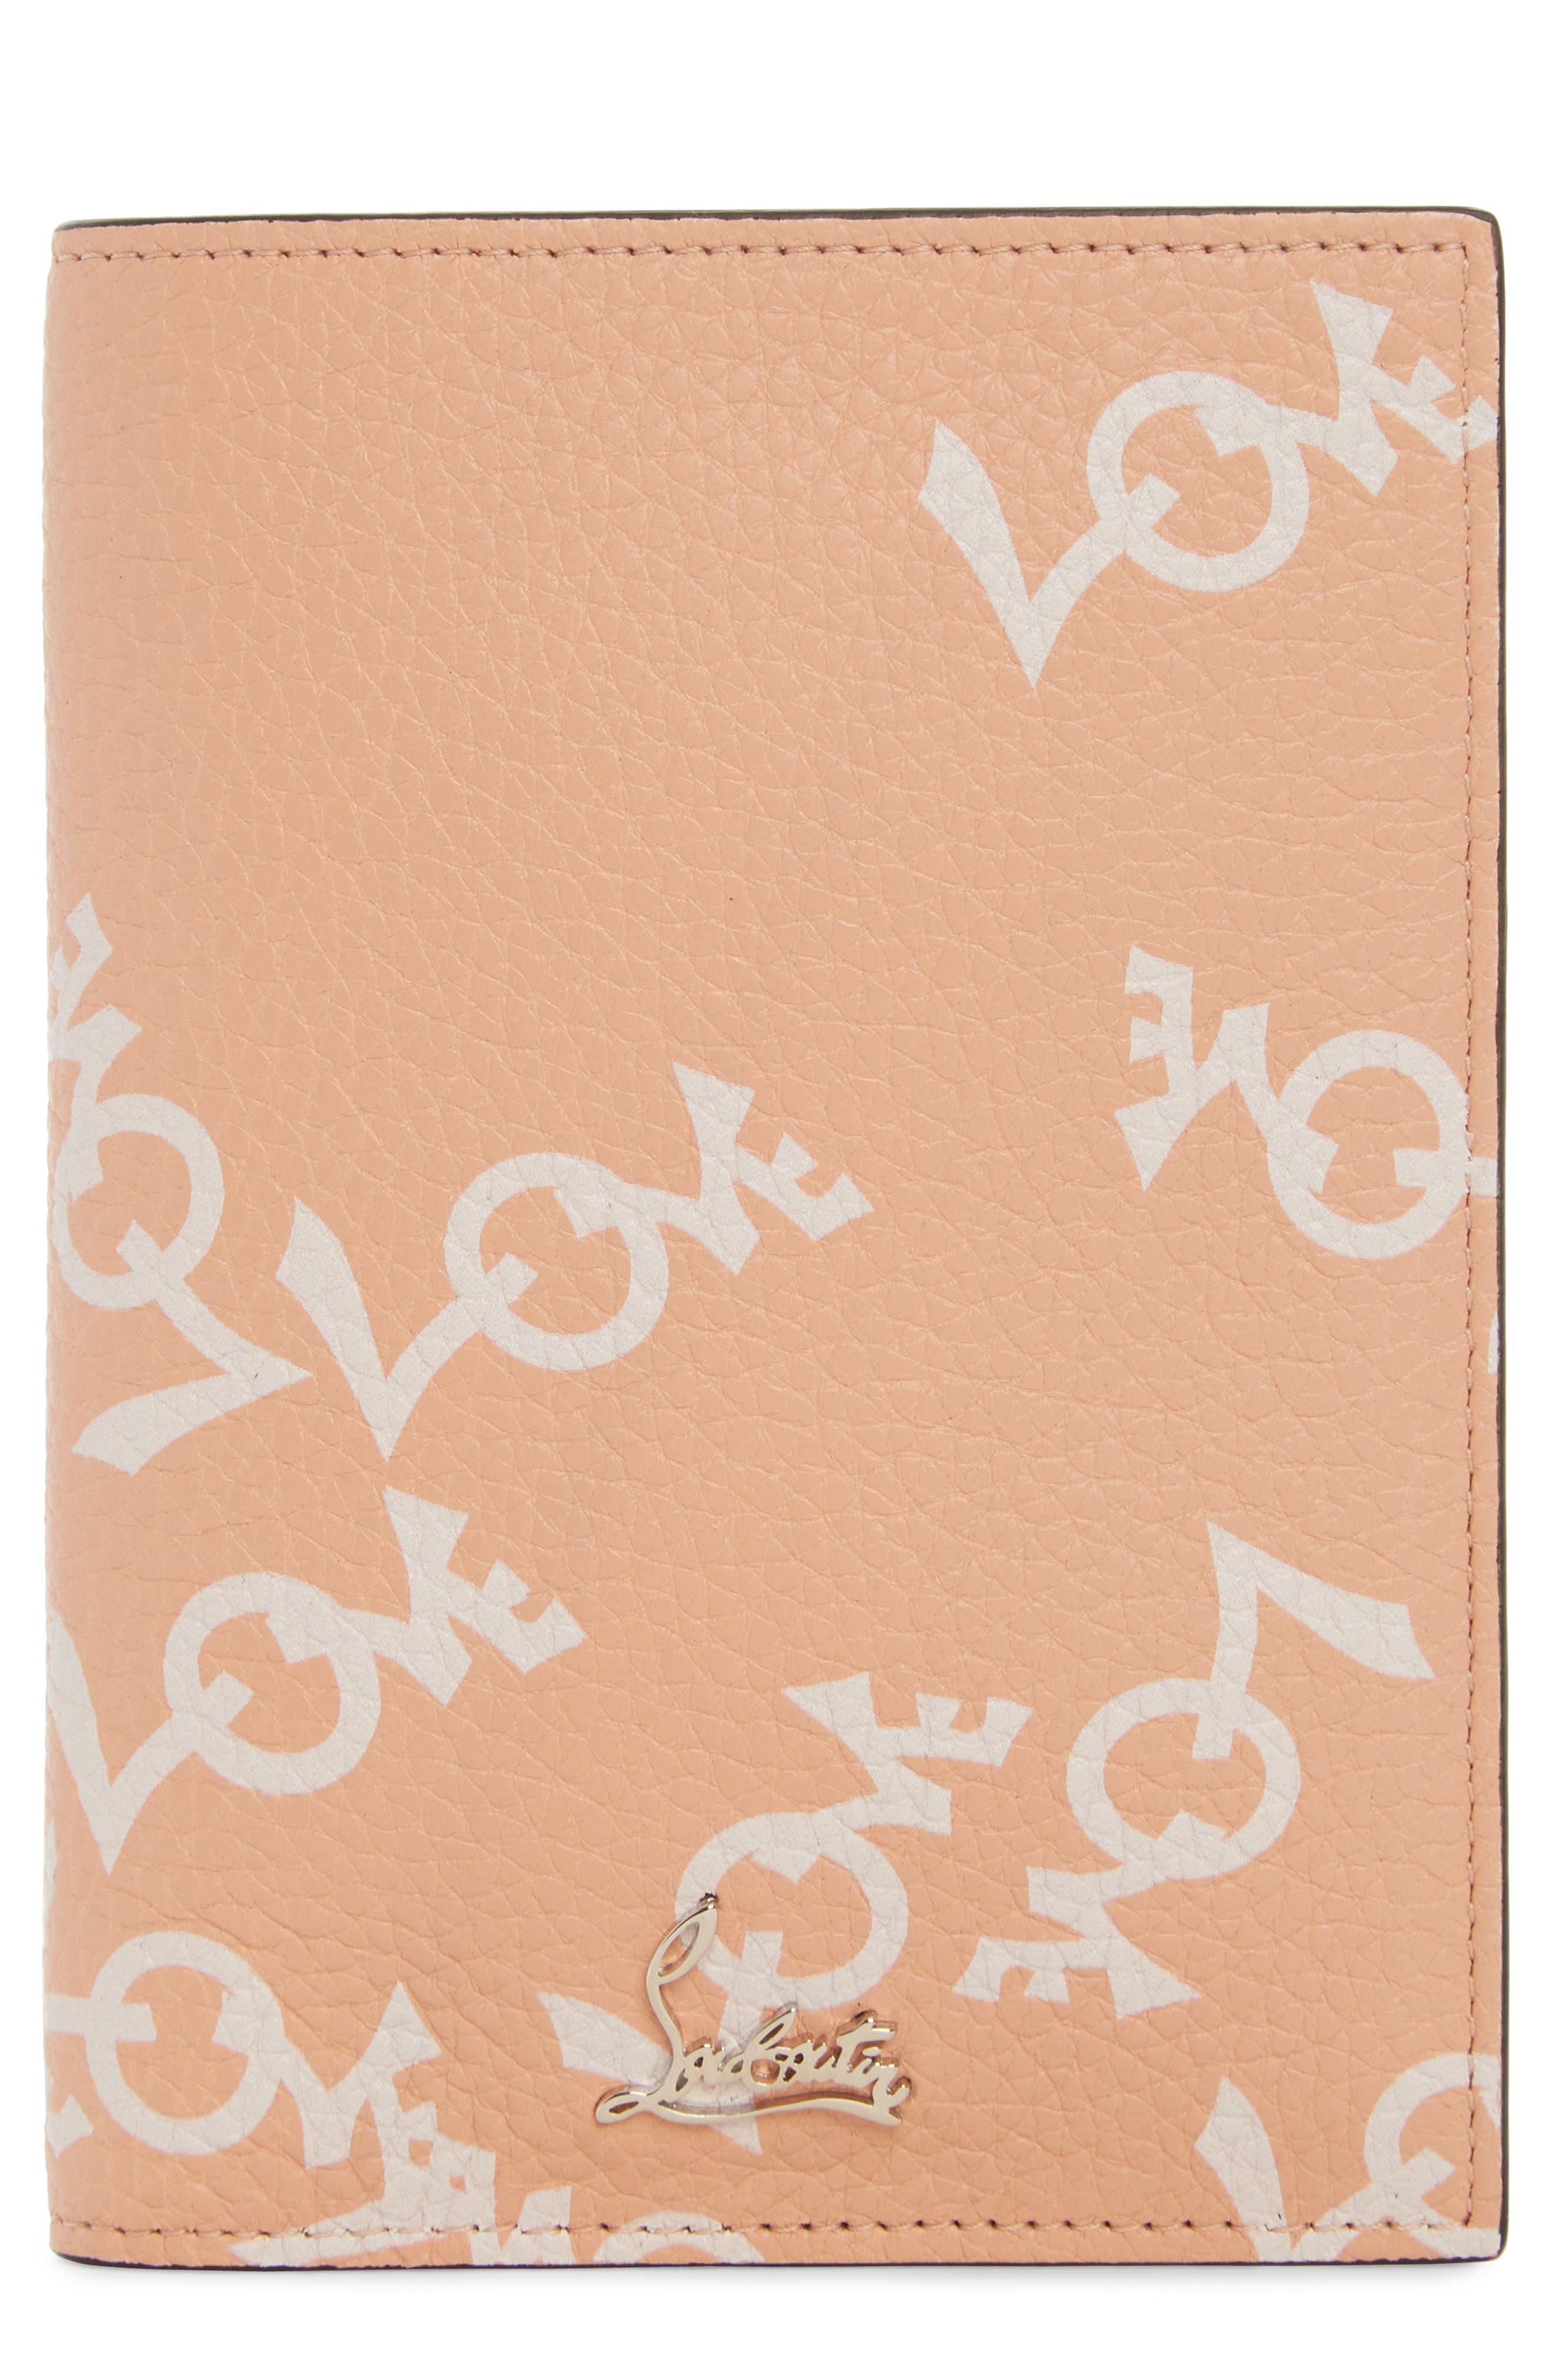 Loubipass Crazy Love Passport,                         Main,                         color, SOIE-LATTE/ SILVER